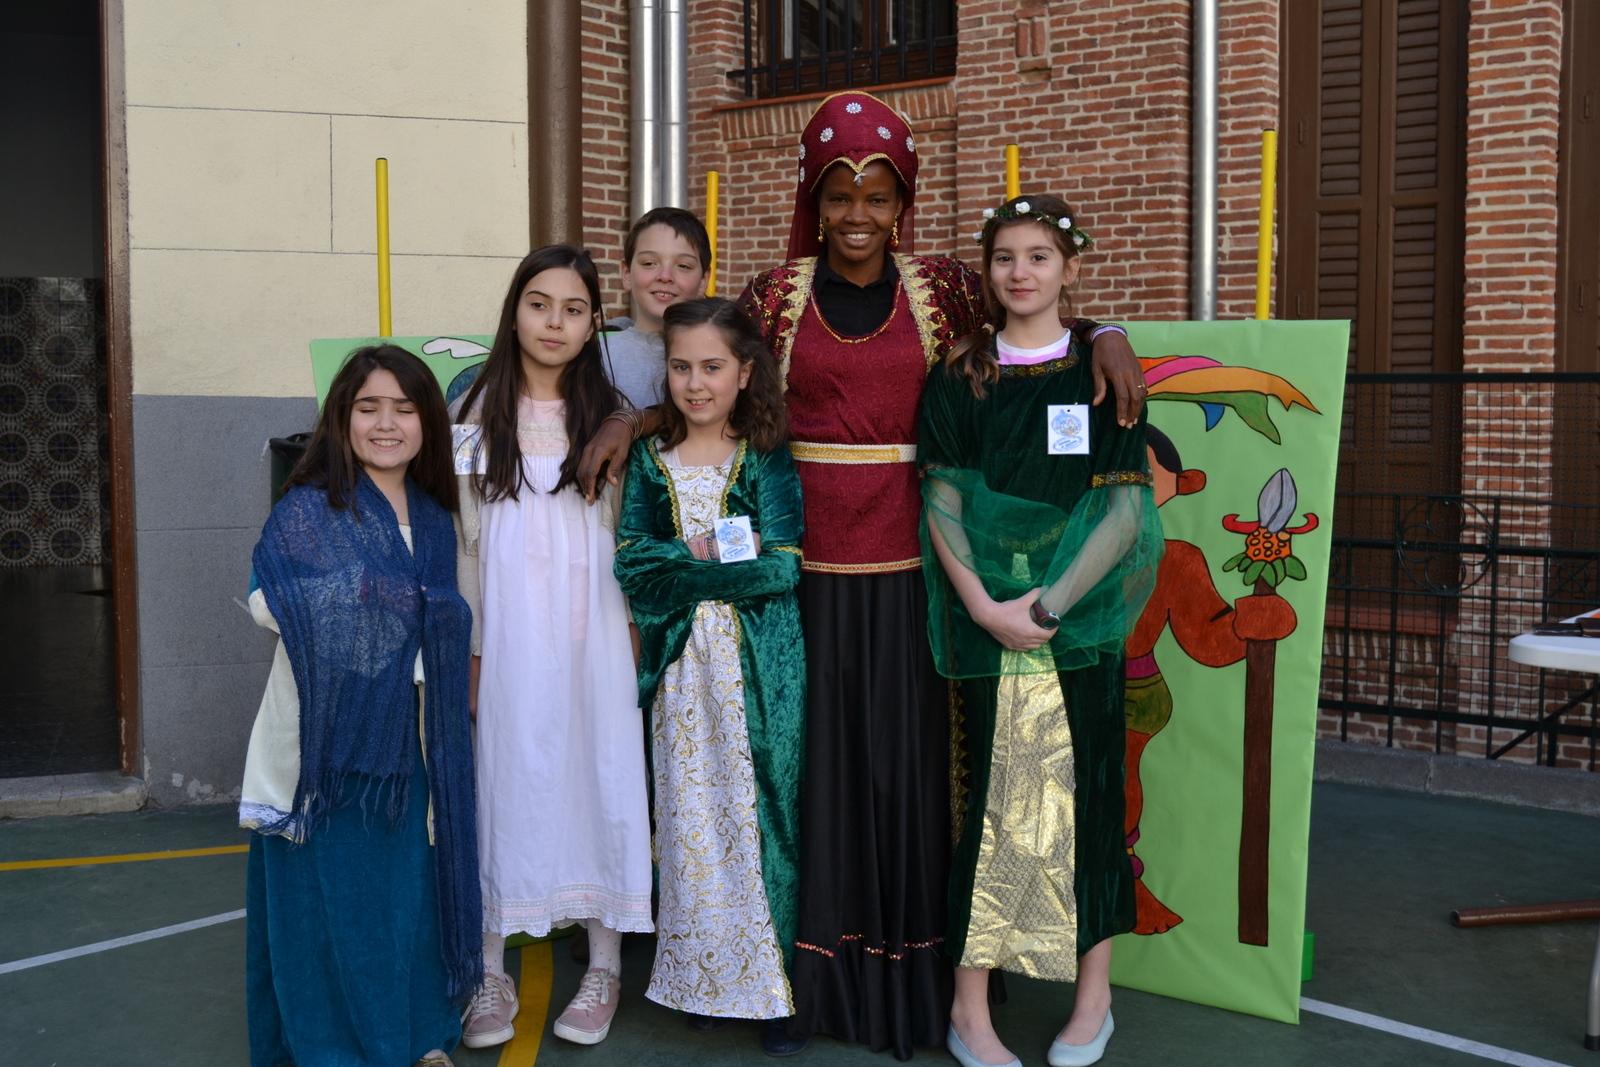 Jornadas Culturales y Depoortivas 2018 Exposiciones 1 17